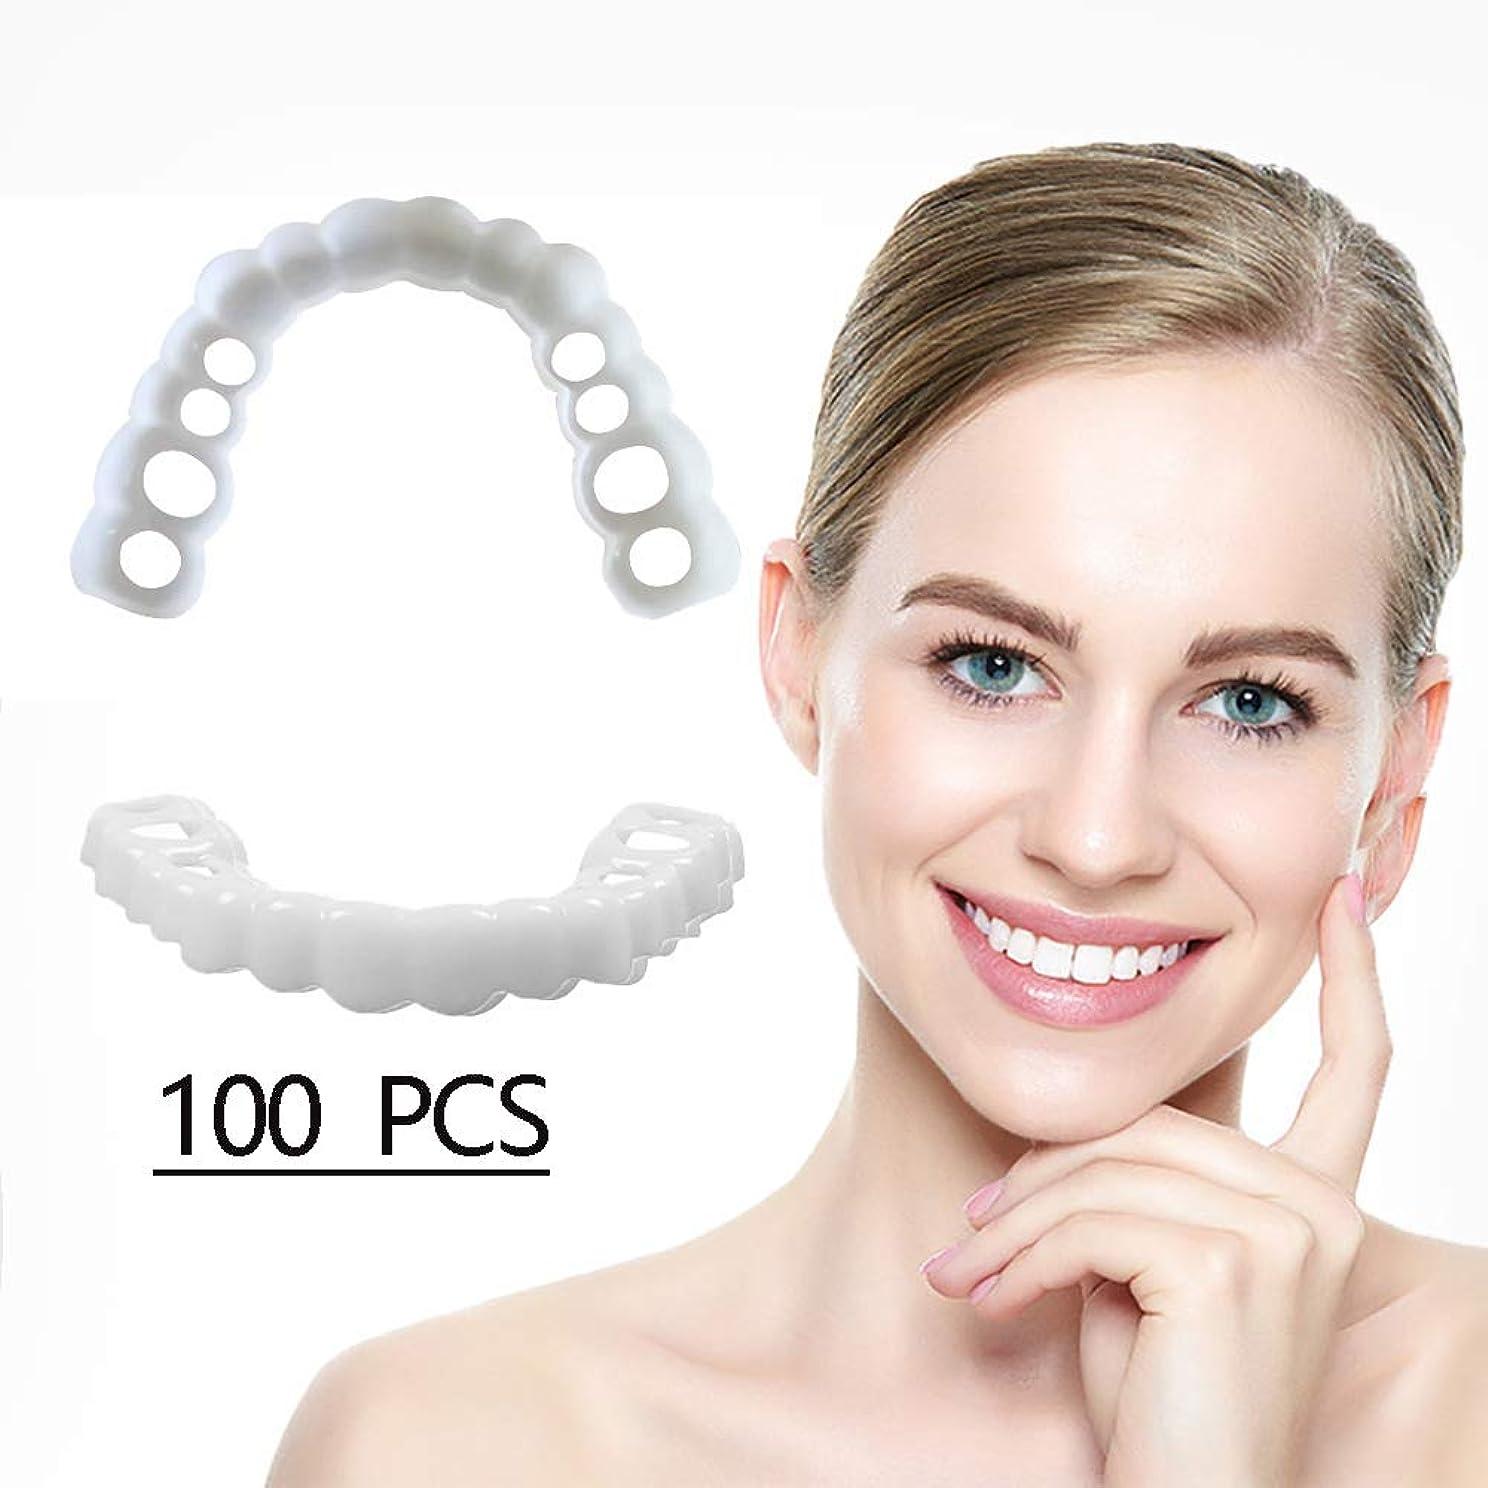 実験バウンドストロークパーフェクトティーススマイルコンフォートフィット新しいスナップオンフレックスが最も快適な偽の歯のフェイクデンチャーにフィット,100pairs